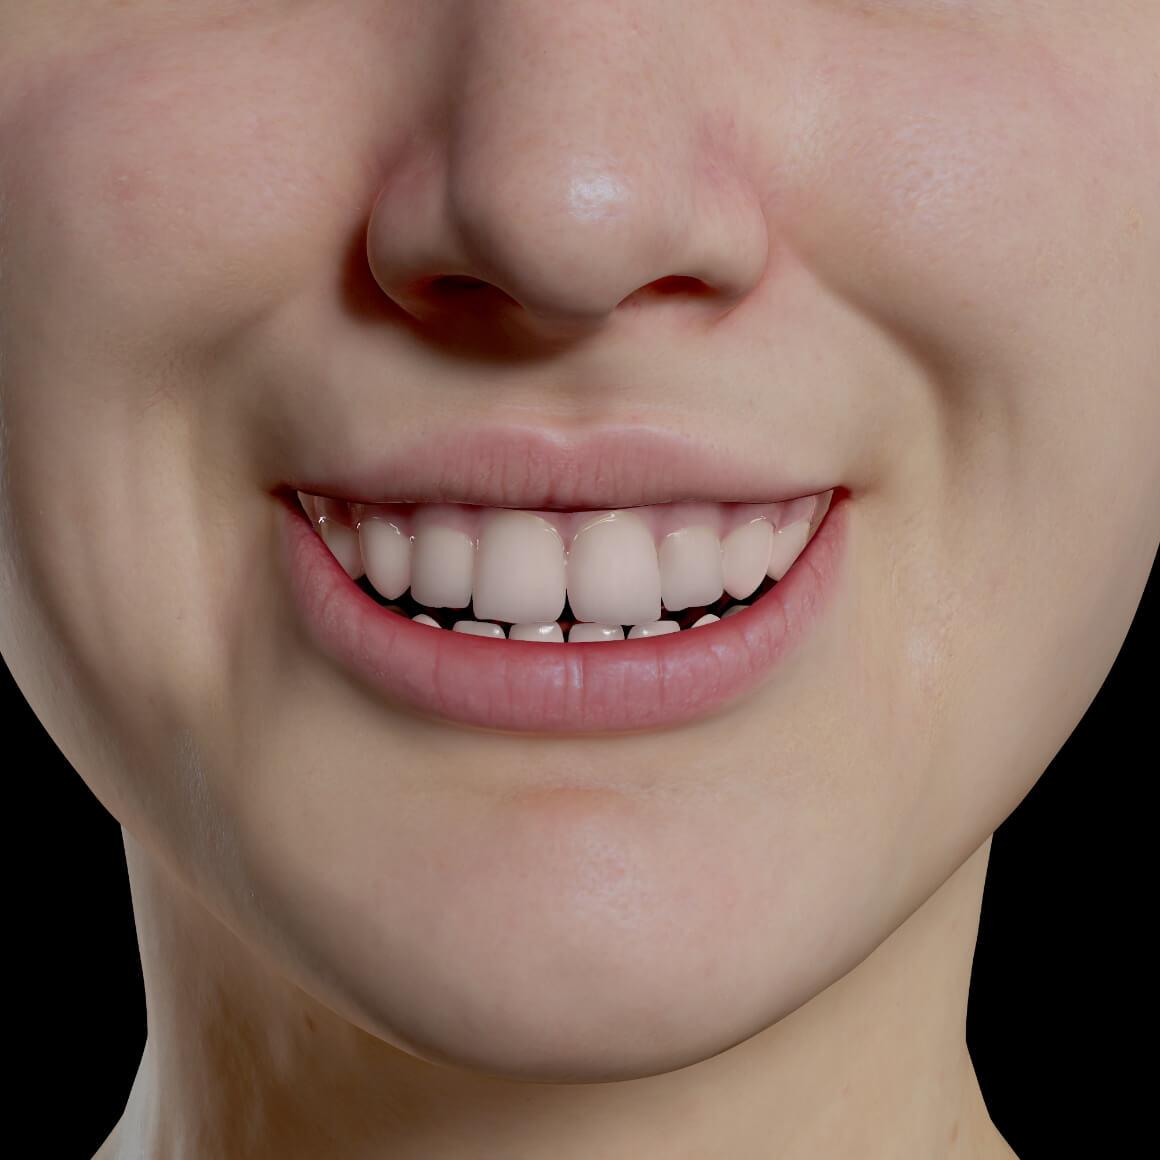 Sourire d'une patiente de la Clinique Chloé après des injections de neuromodulateurs pour traiter le sourire gingival